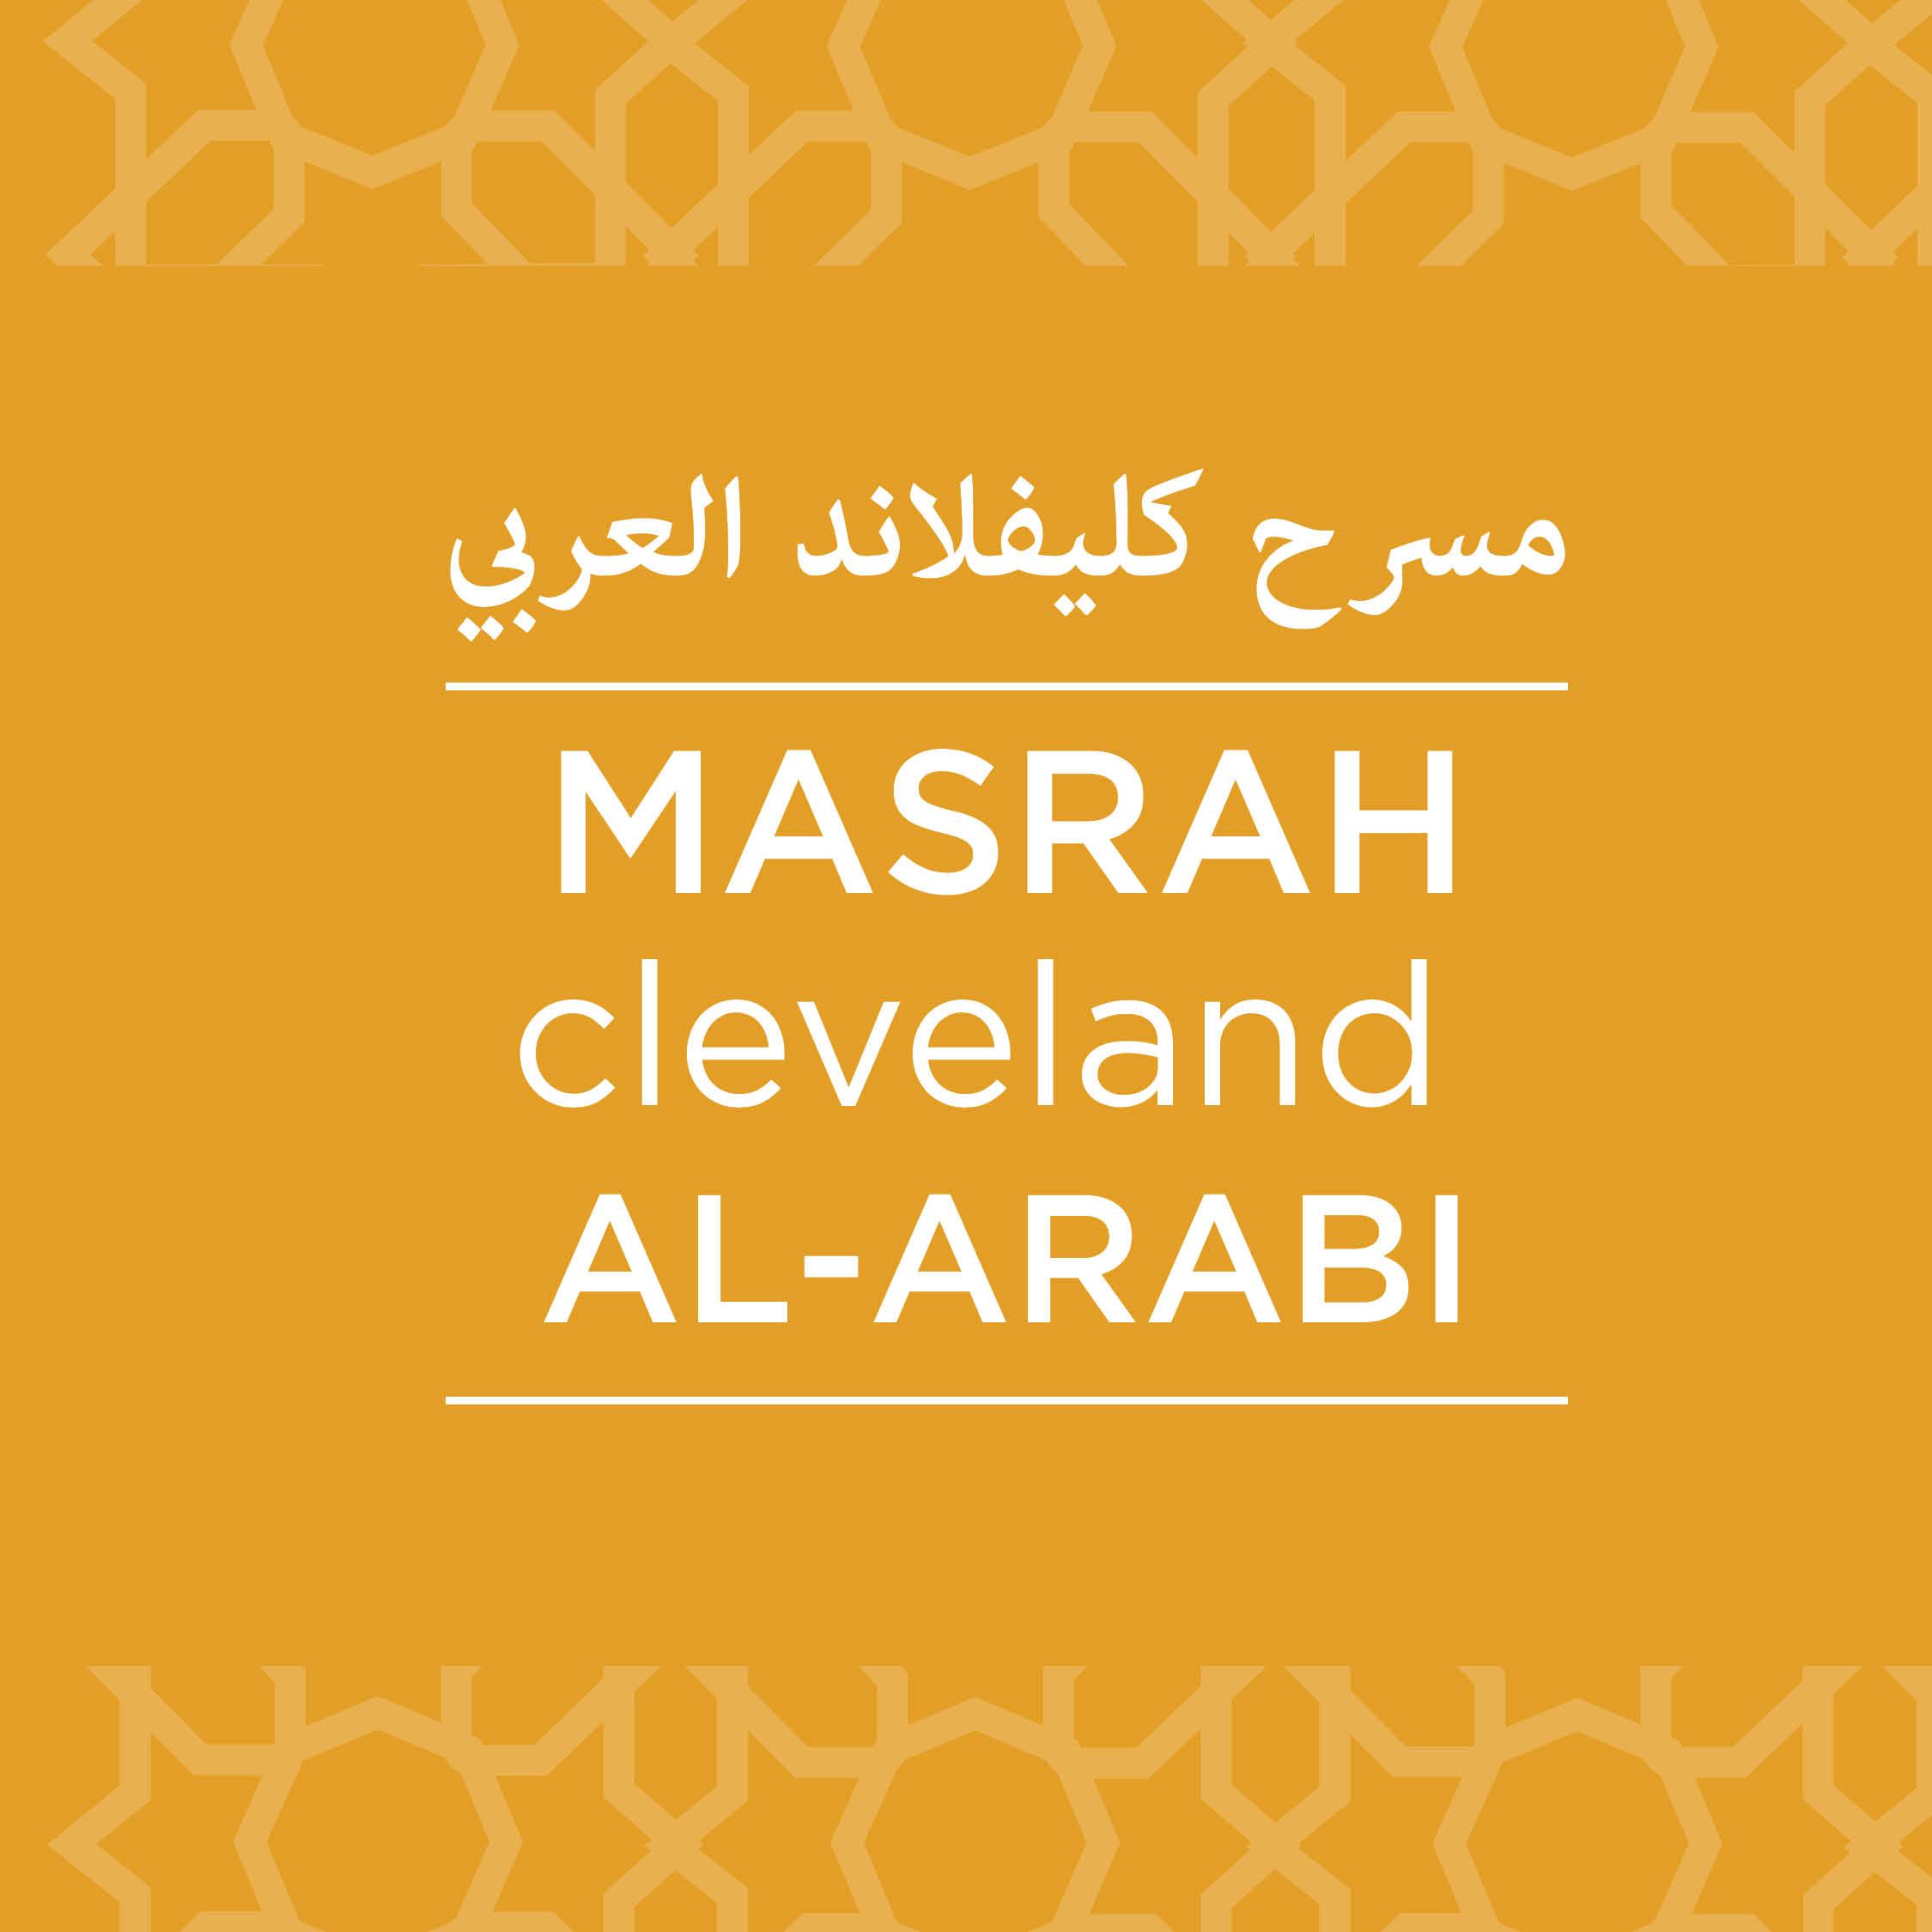 540_masrah logo